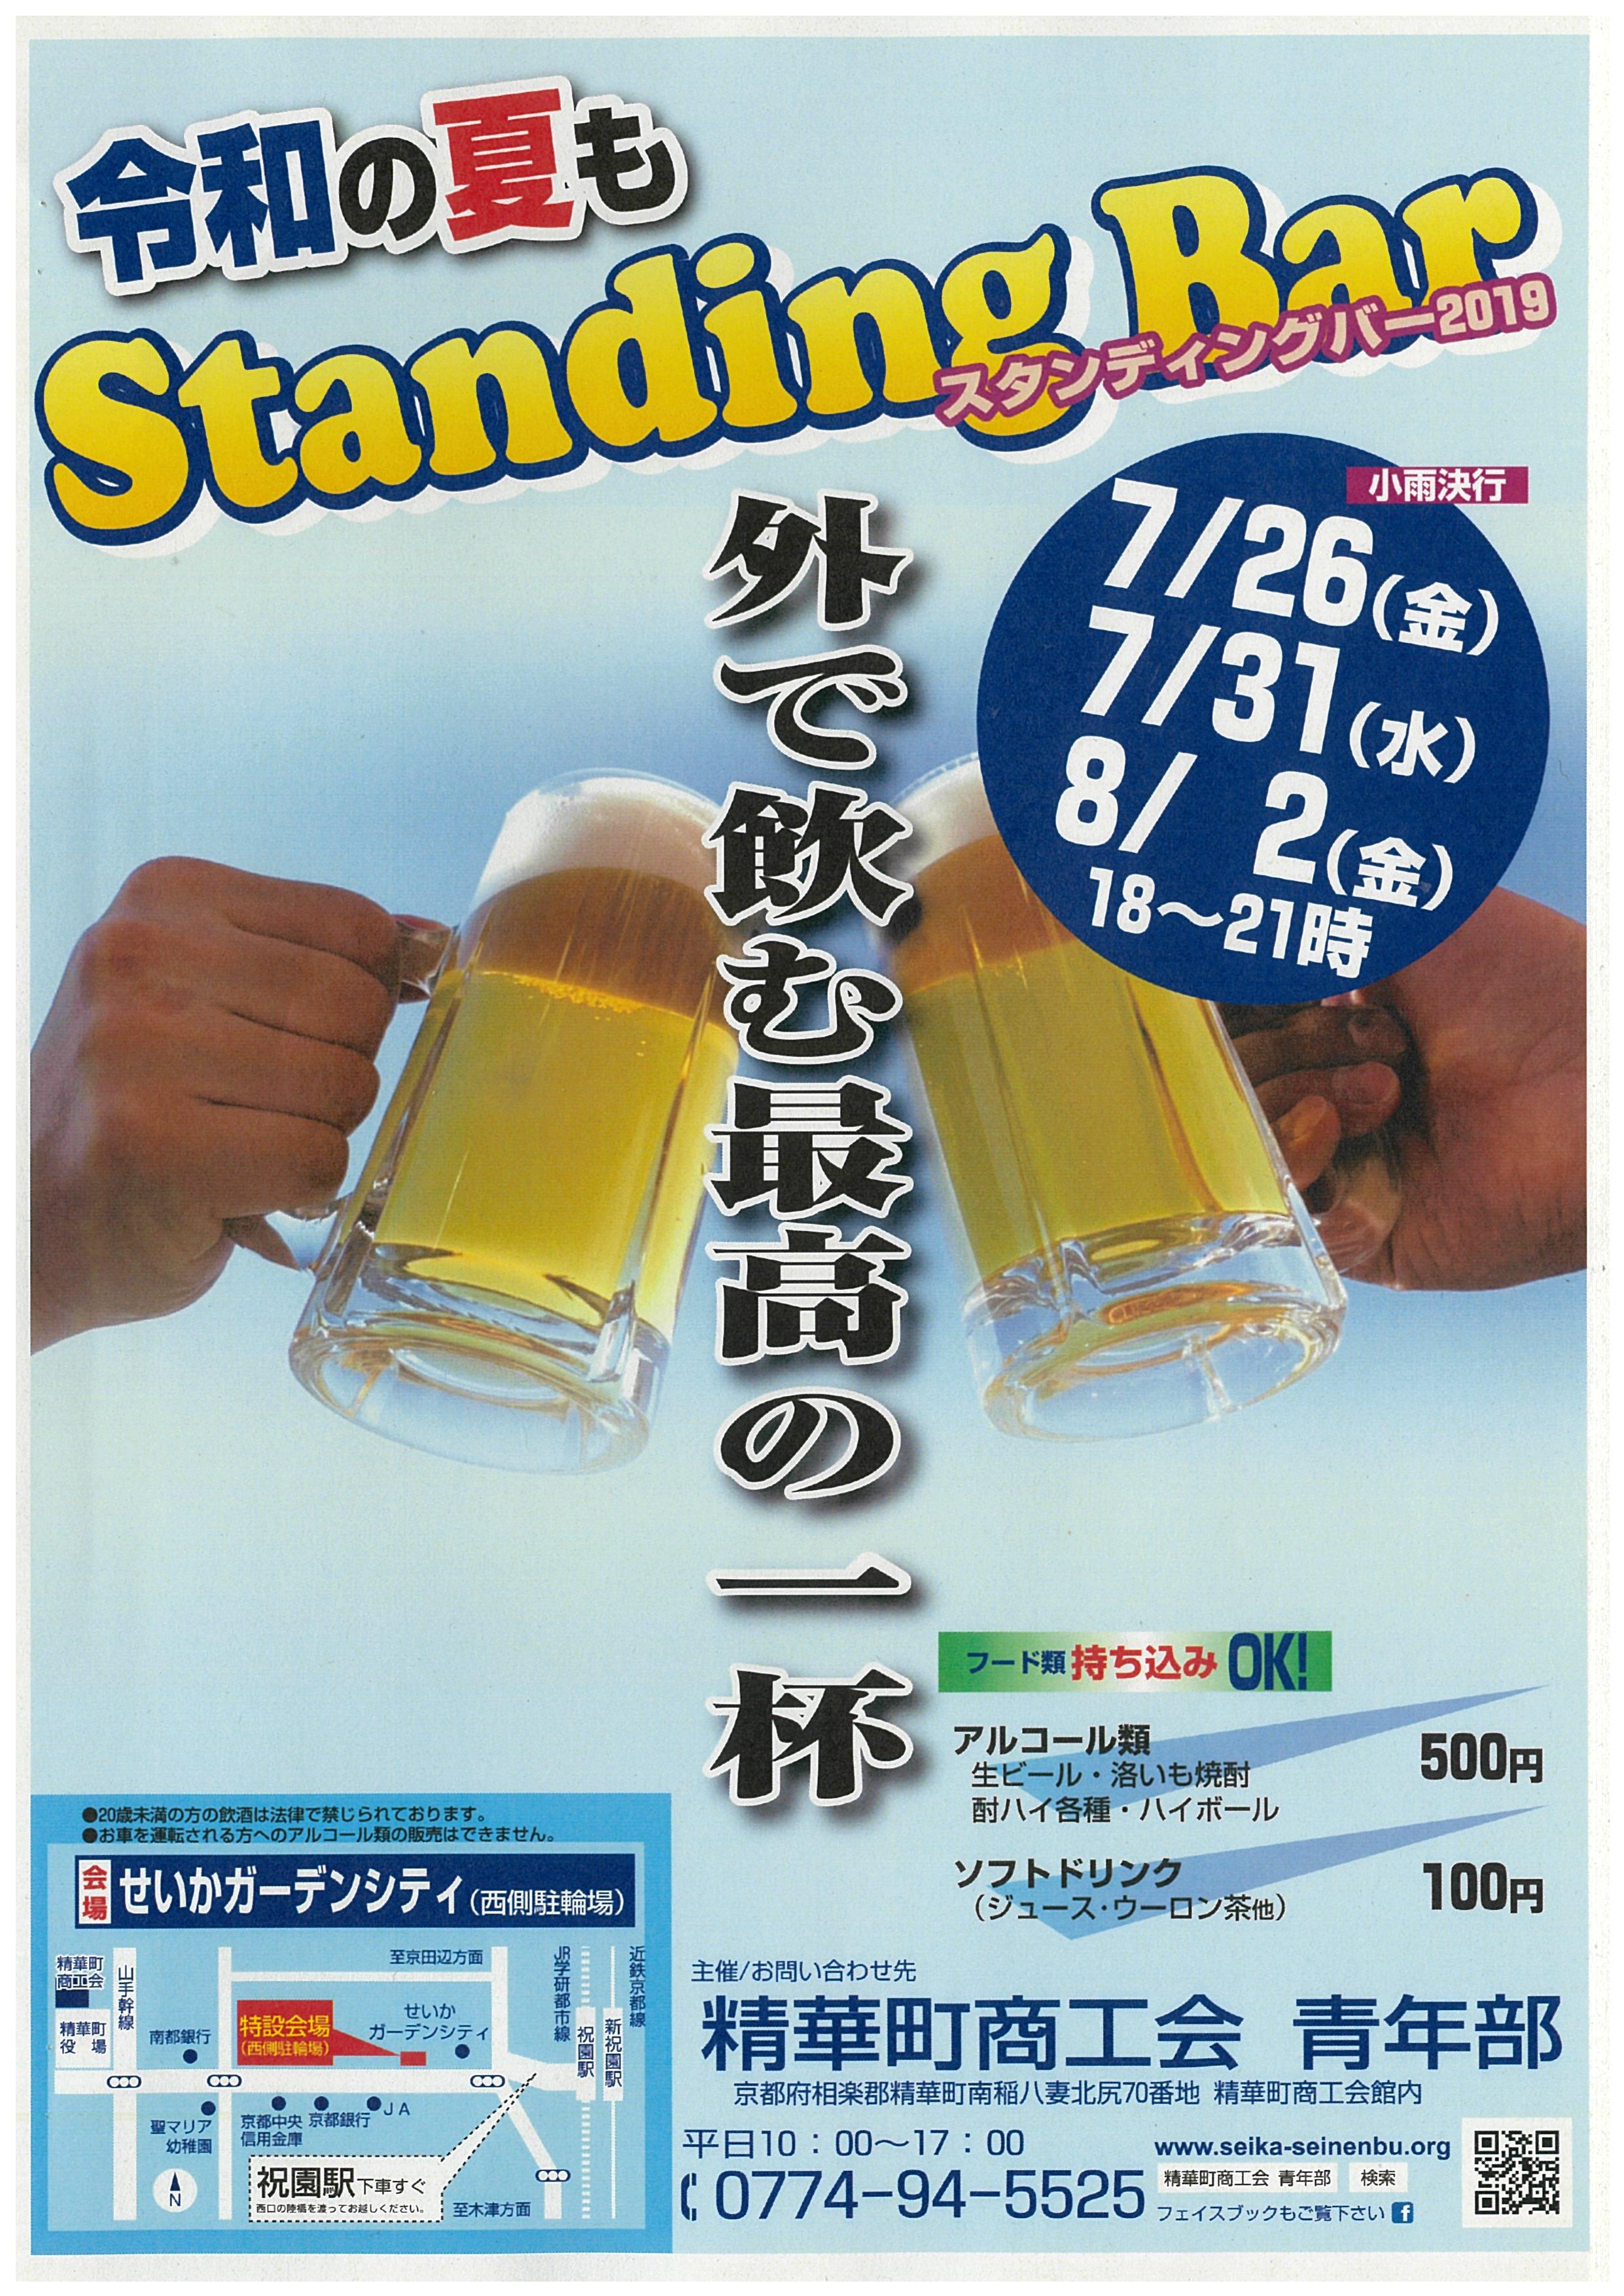 Standing Bar 2019(せいかガーデンシティ)